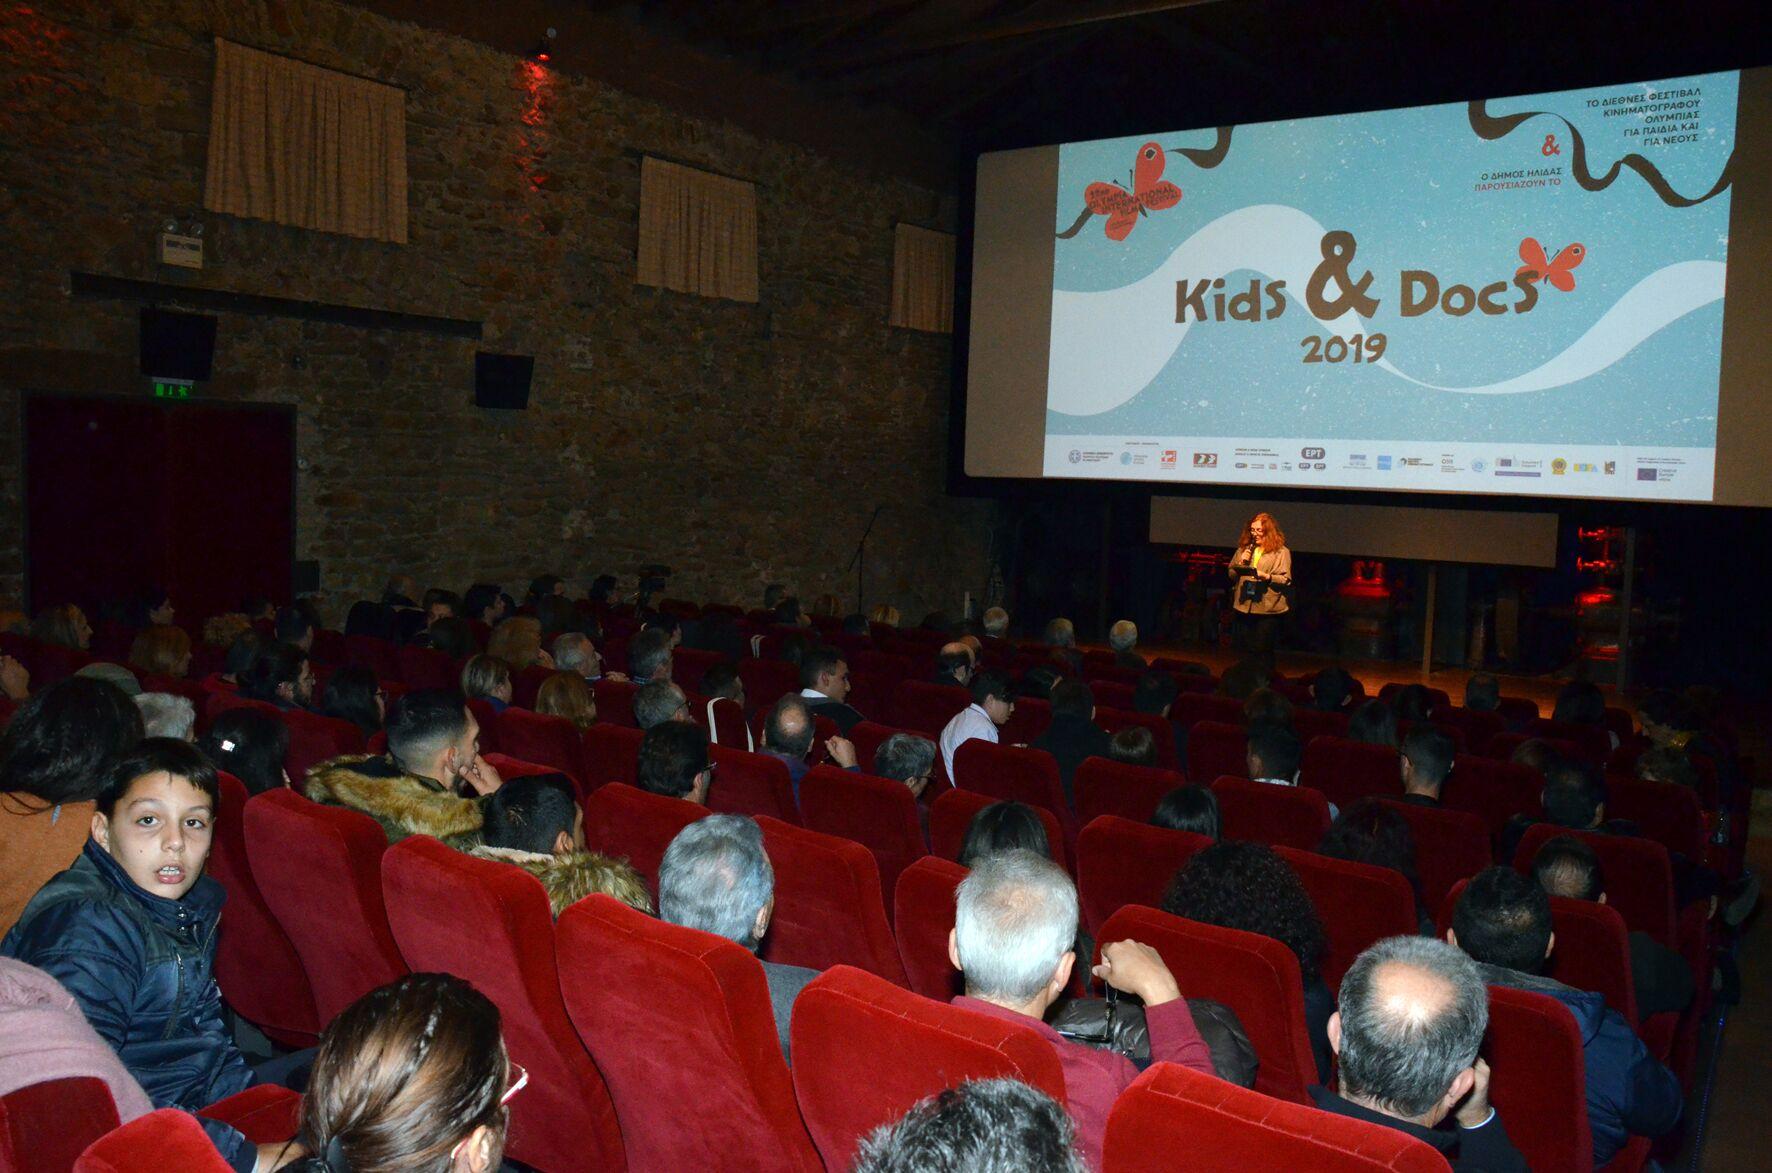 Αμαλιάδα: Έναρξη και για το Kids & Docs 2019 στην Αμαλιάδα (Photos)